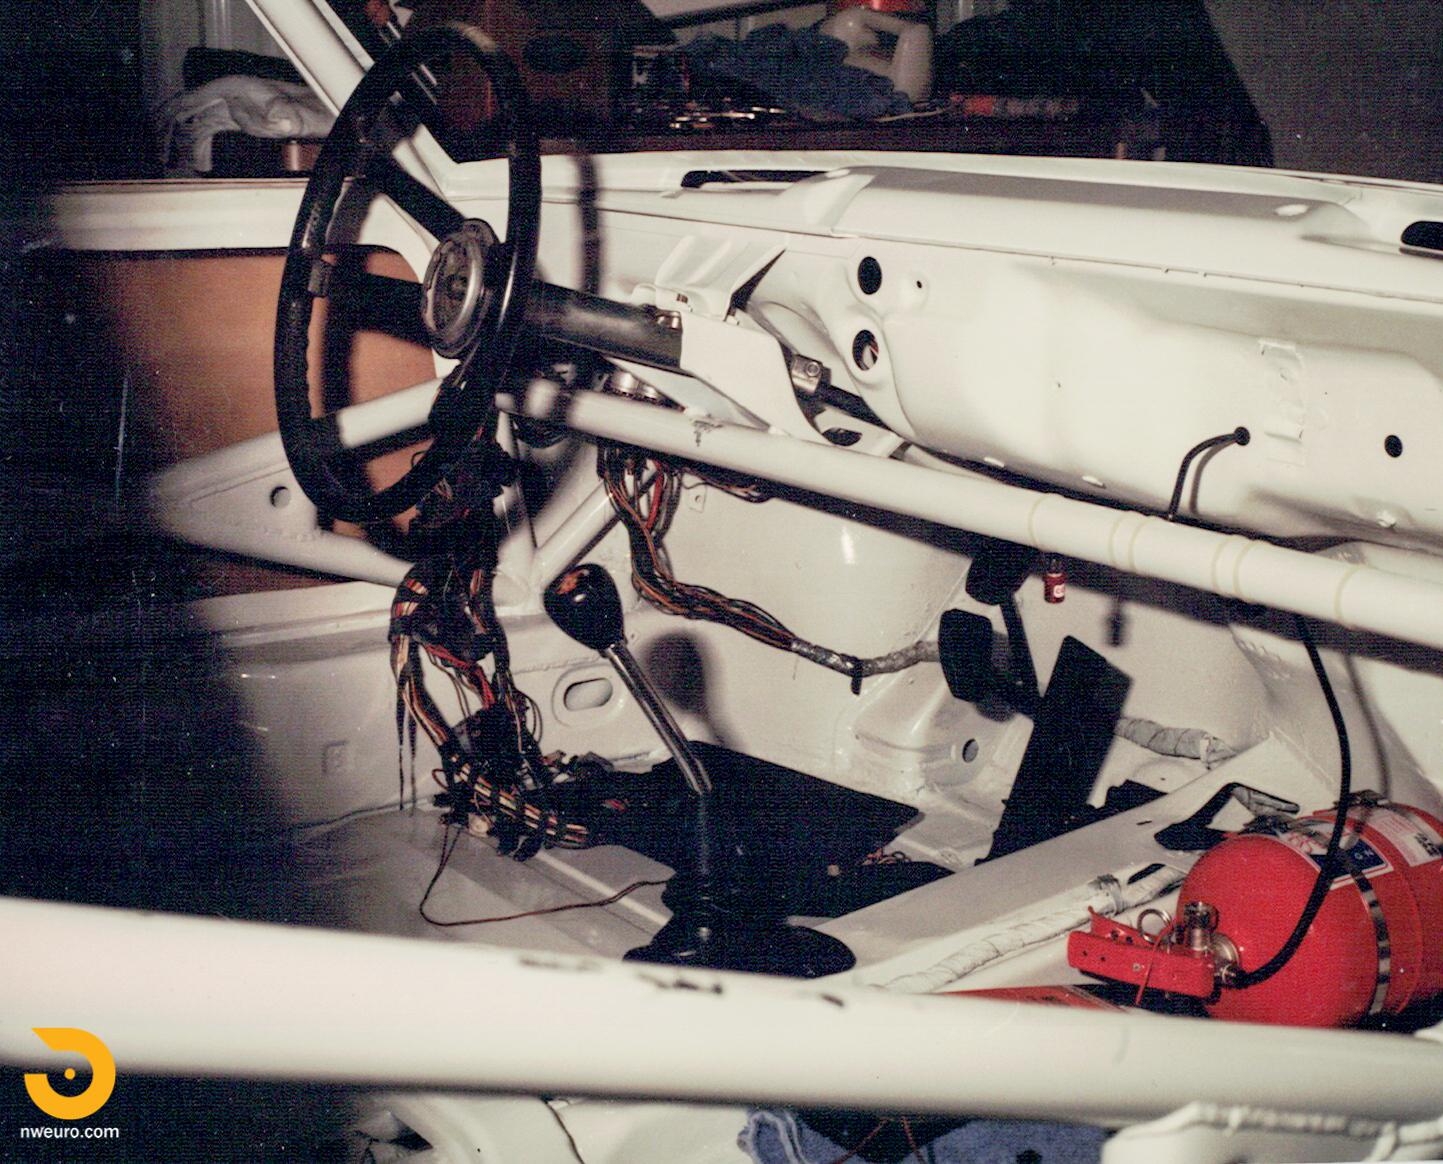 1970 Porsche 914-6 Race Car Period Shots-3.jpg